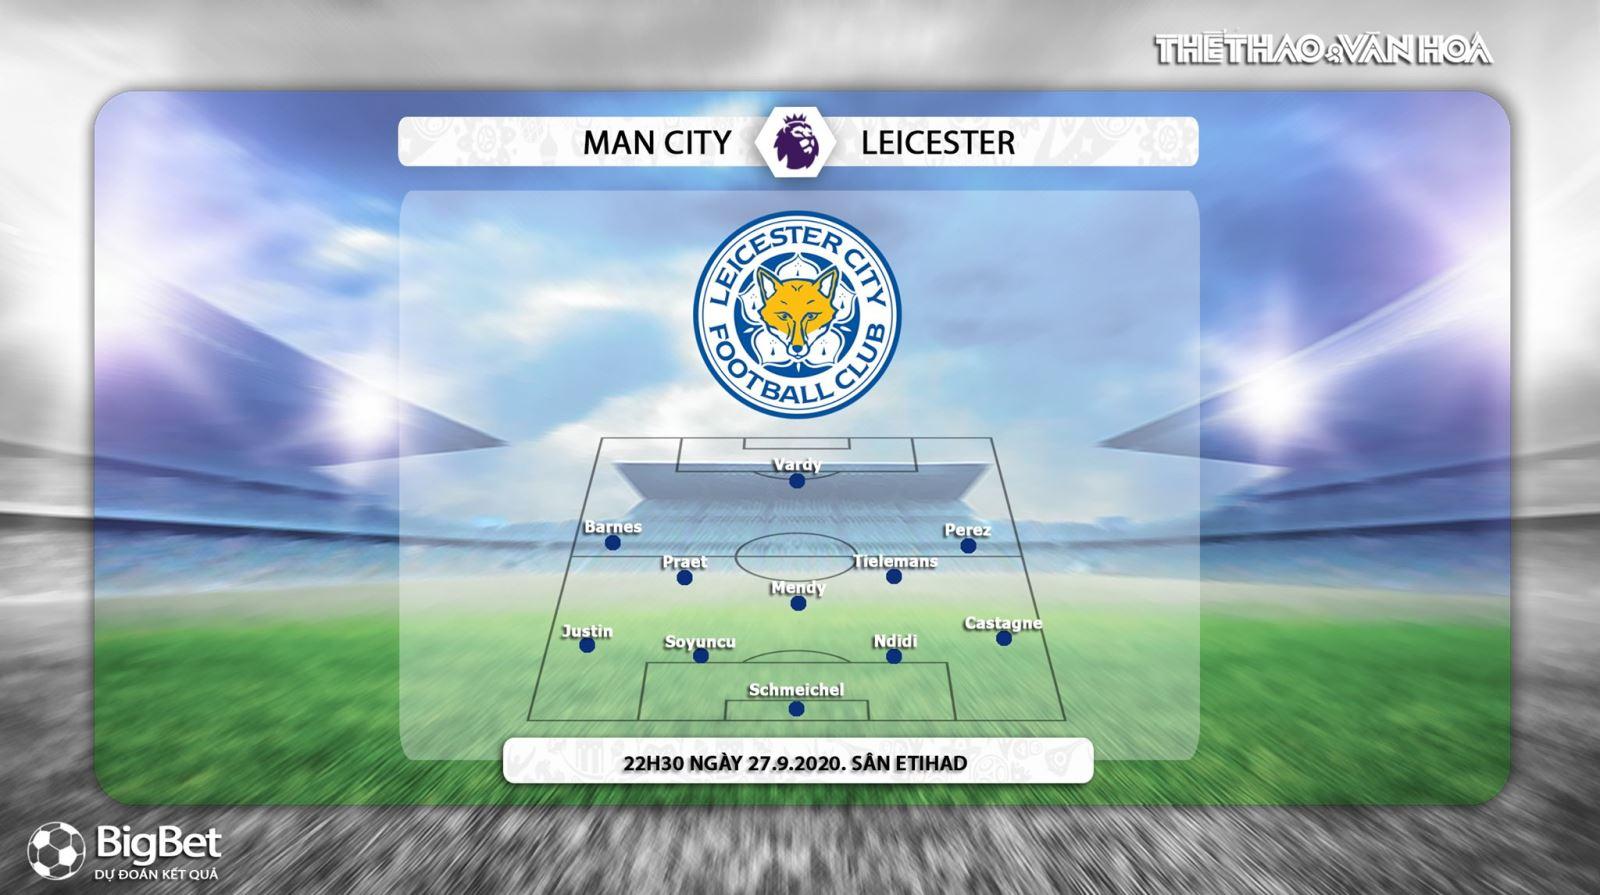 Keo nha cai, kèo nhà cái, Man City đấu với Leicester, Trực tiếp K+PM, Xem bóng đá trực tiếp Man City với Leicester, Trực tiếp vòng 3 Ngoại hạng Anh, Kèo bóng đá Man City